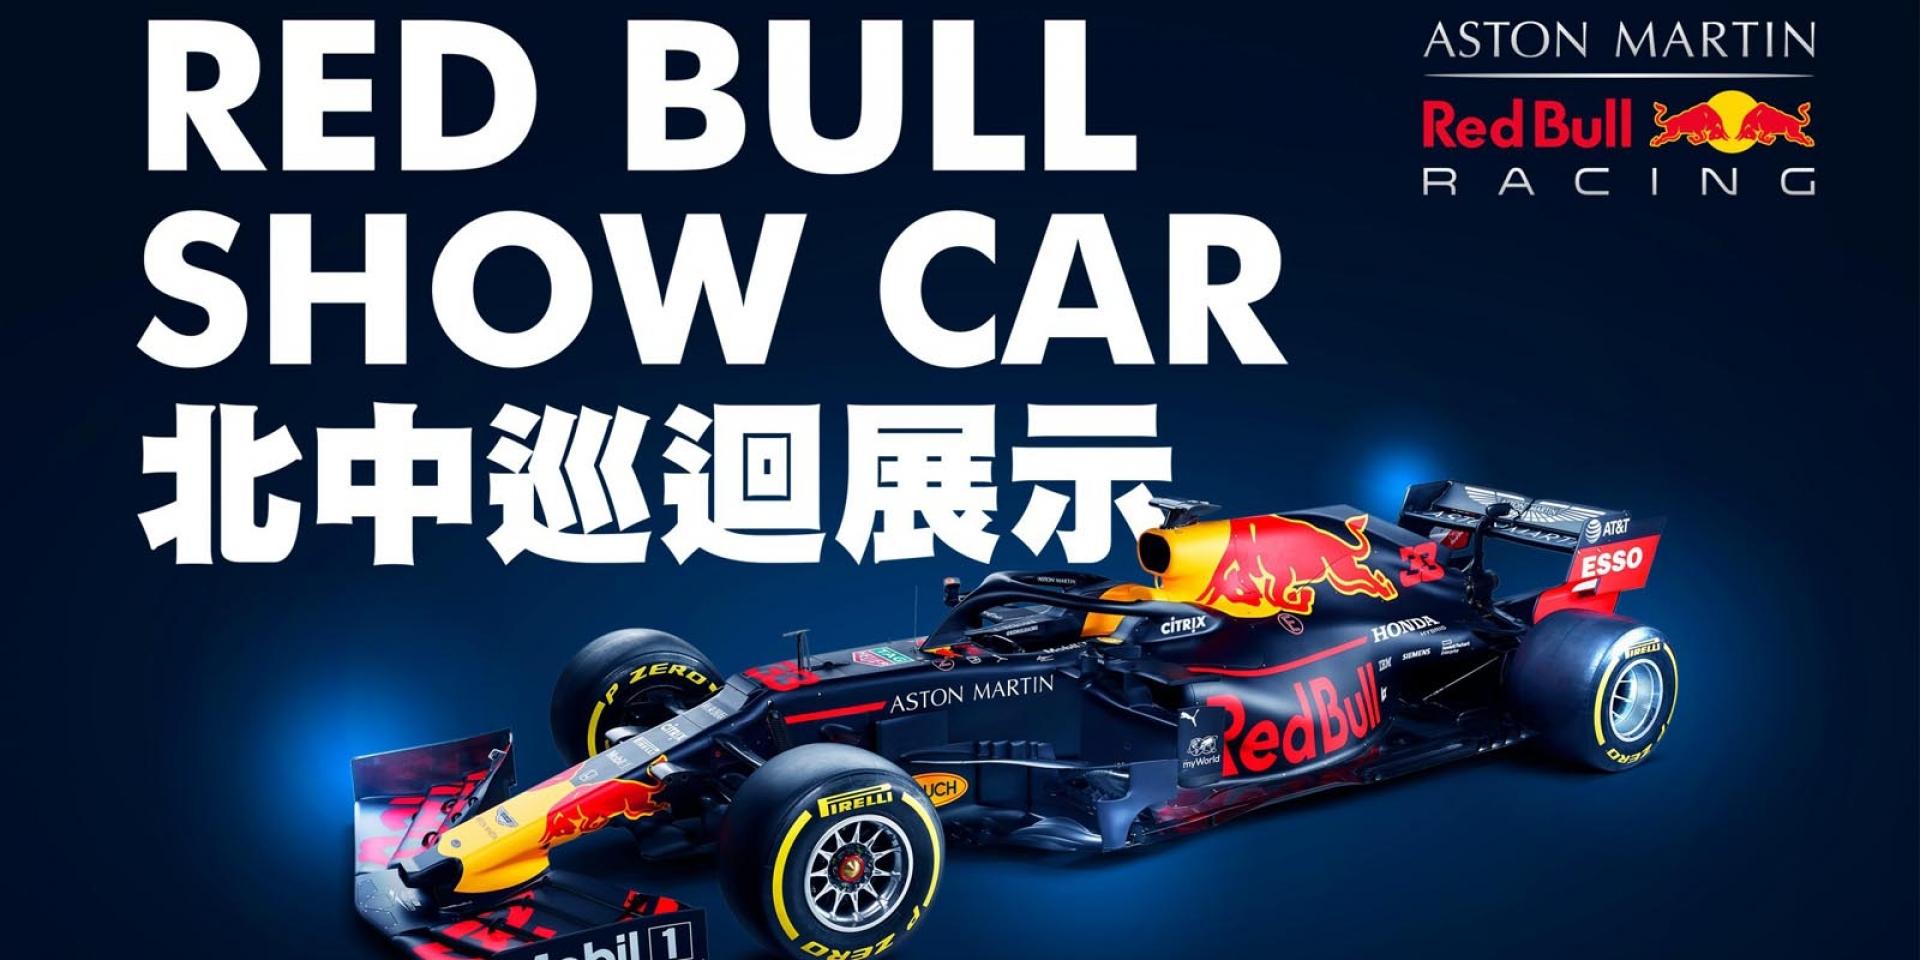 官方新聞稿。直擊F1賽車!RED BULL SHOW CAR 北中巡迴展示活動